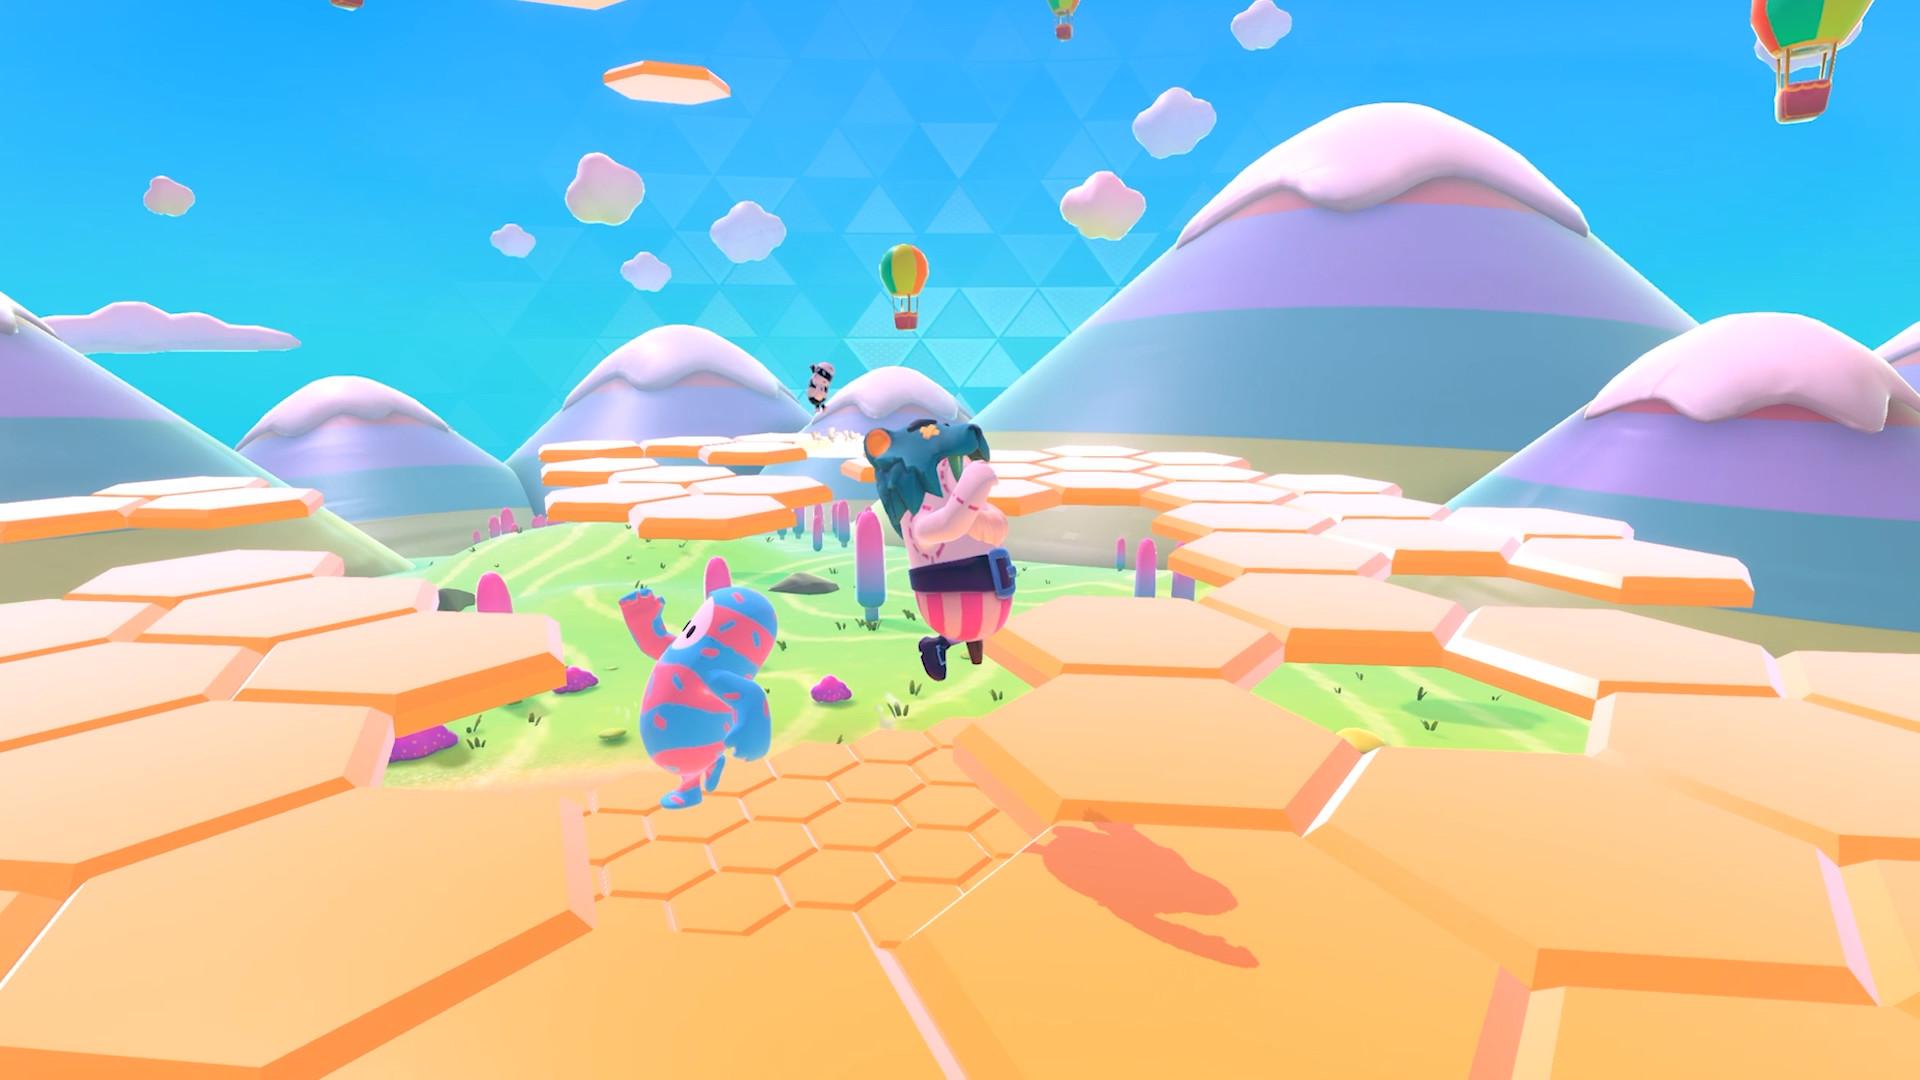 游戏中的博弈论 《糖豆人》为大逃杀展开了一条新思路 (4)